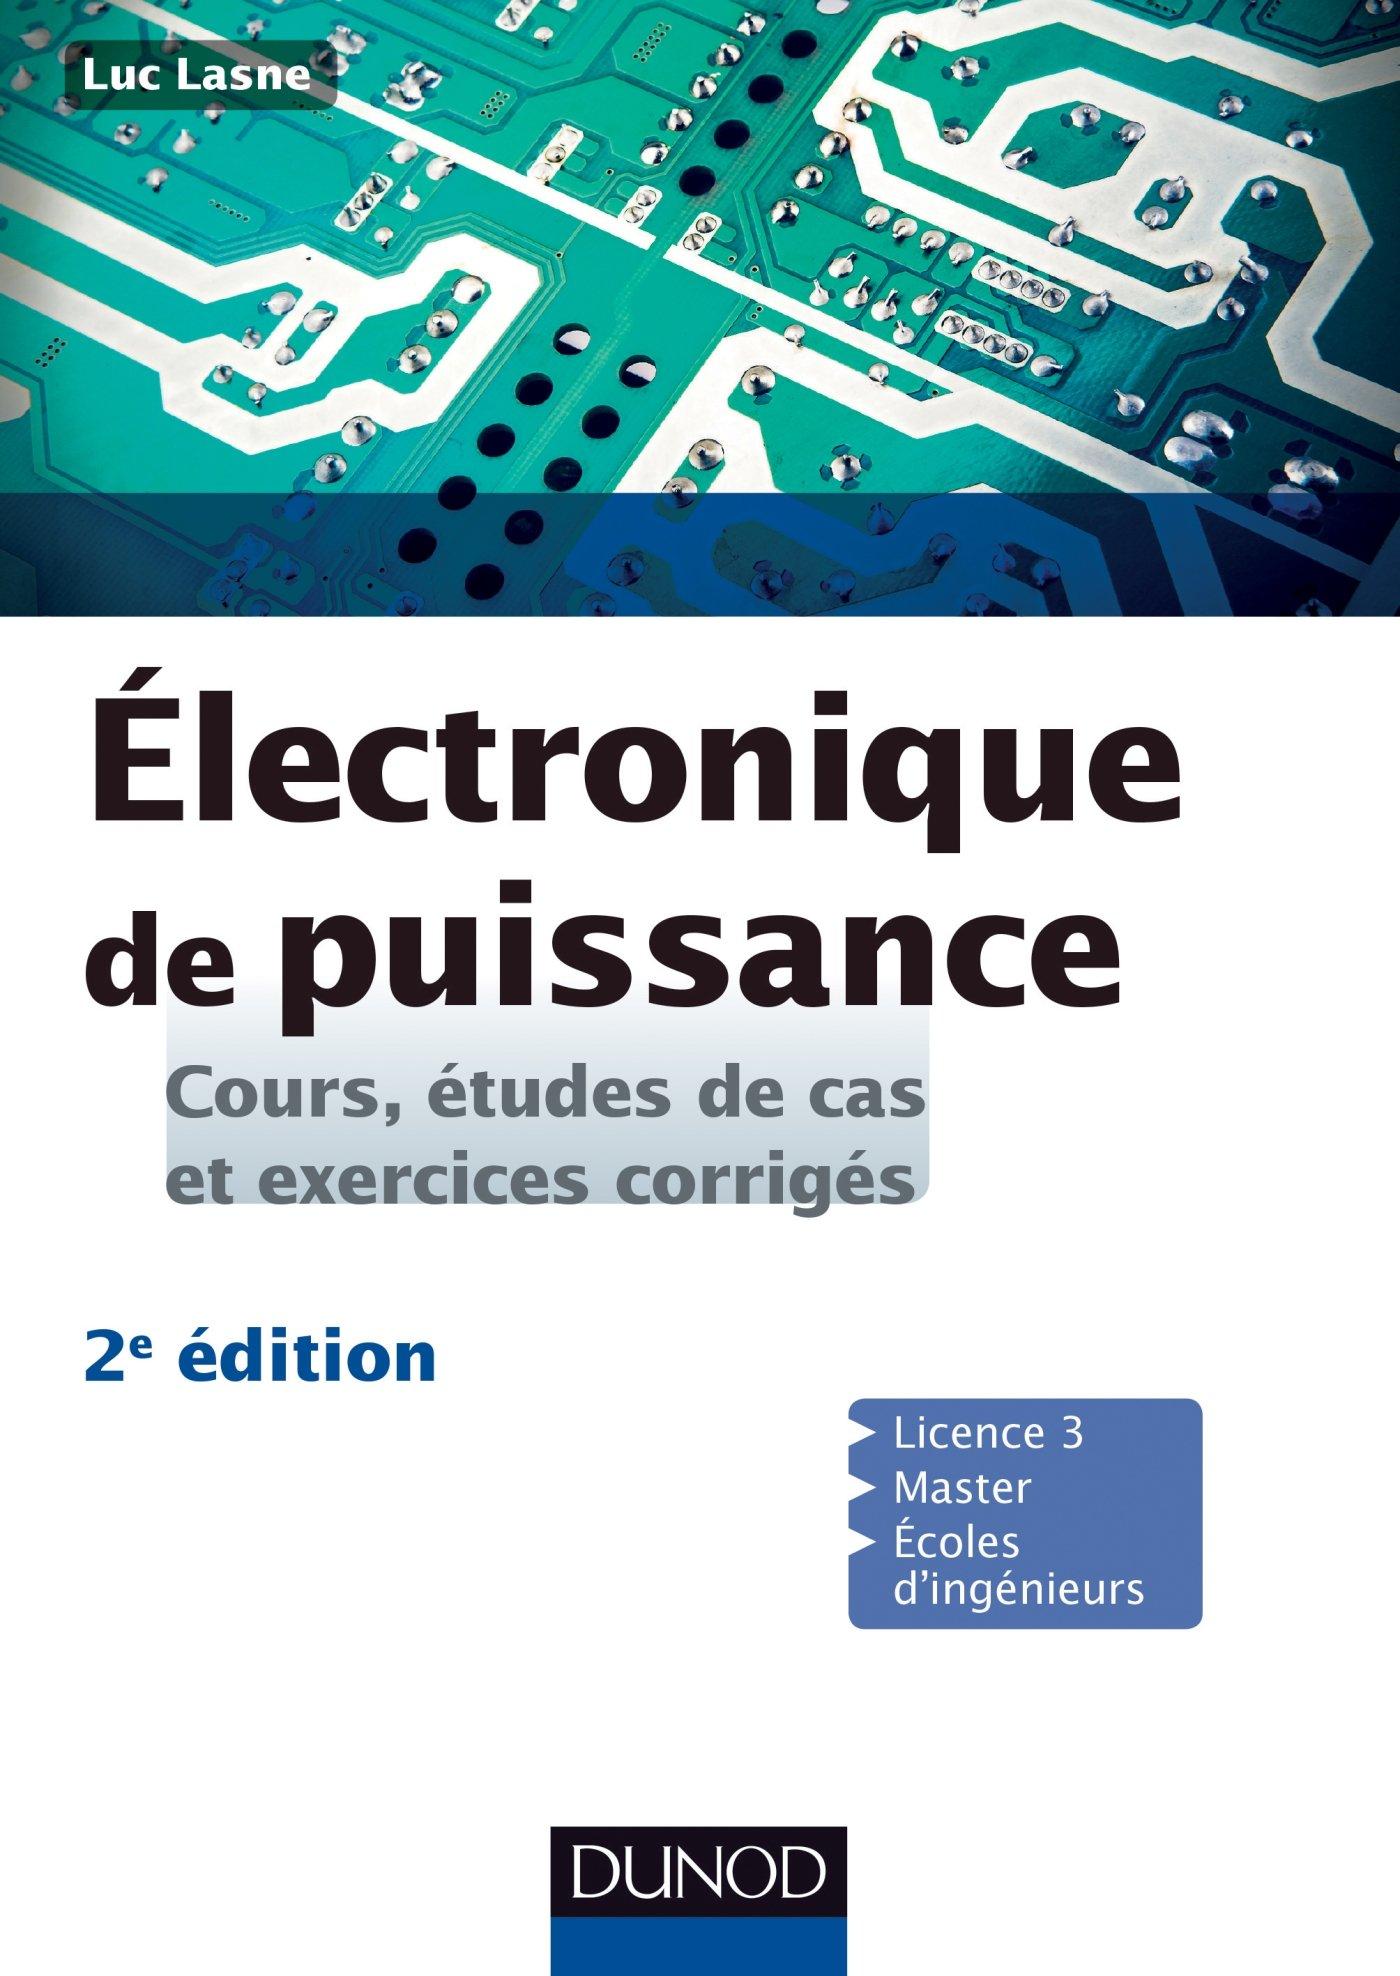 Electronique de puissance – Cours, études de cas et exercices corrigés